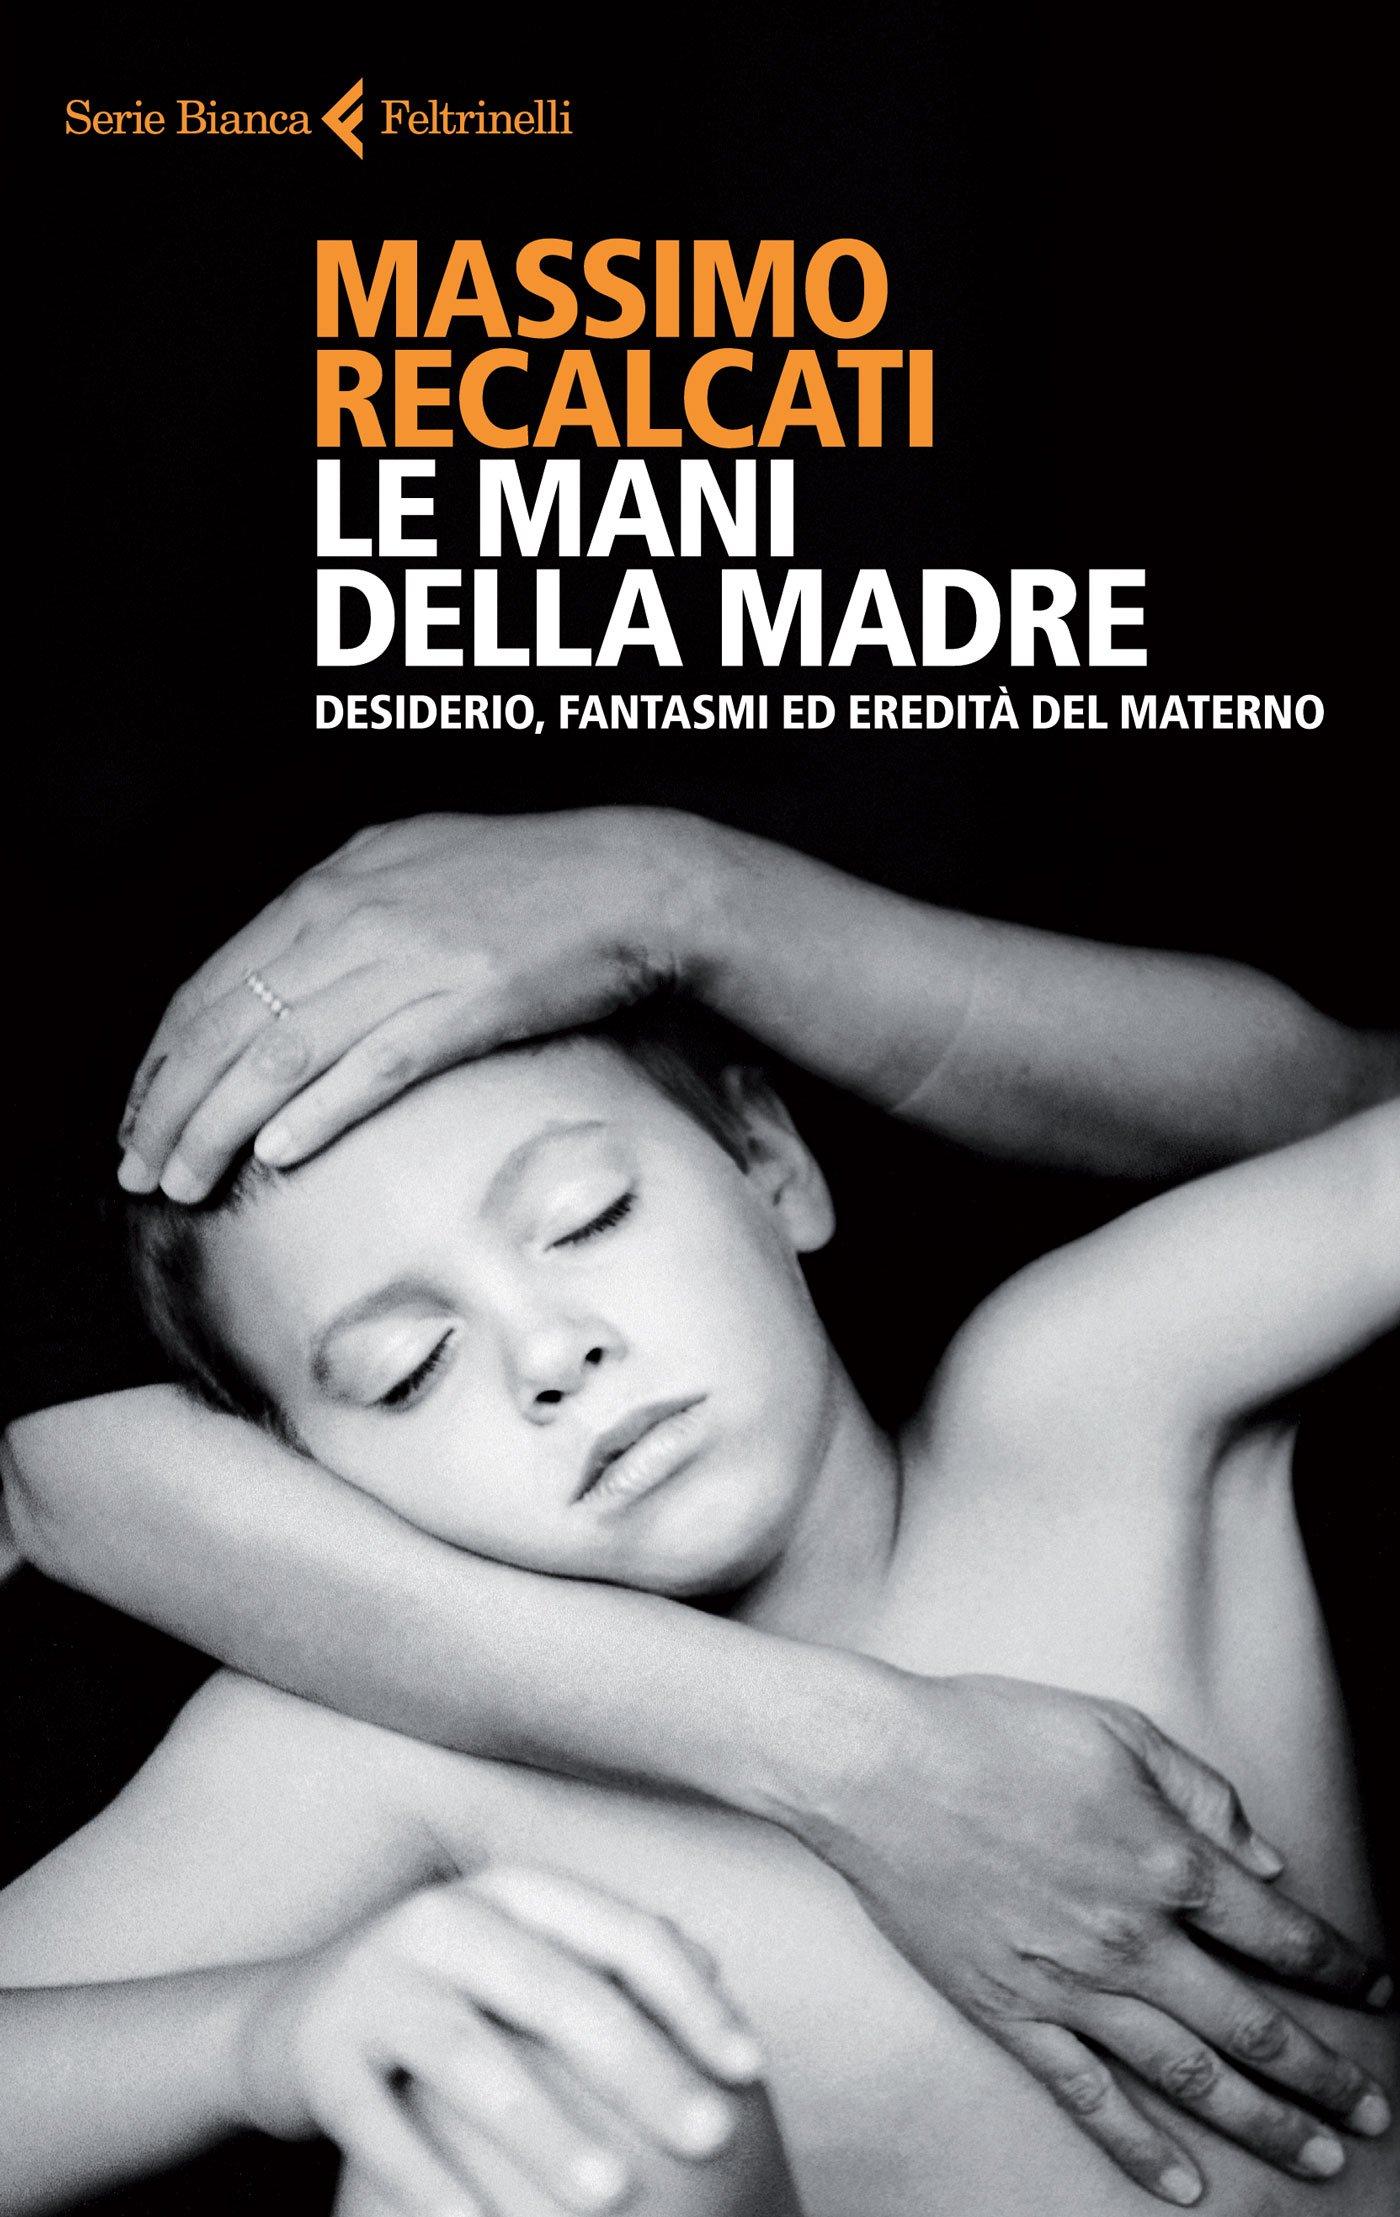 Massimo Recalcati Madre Mani bambino